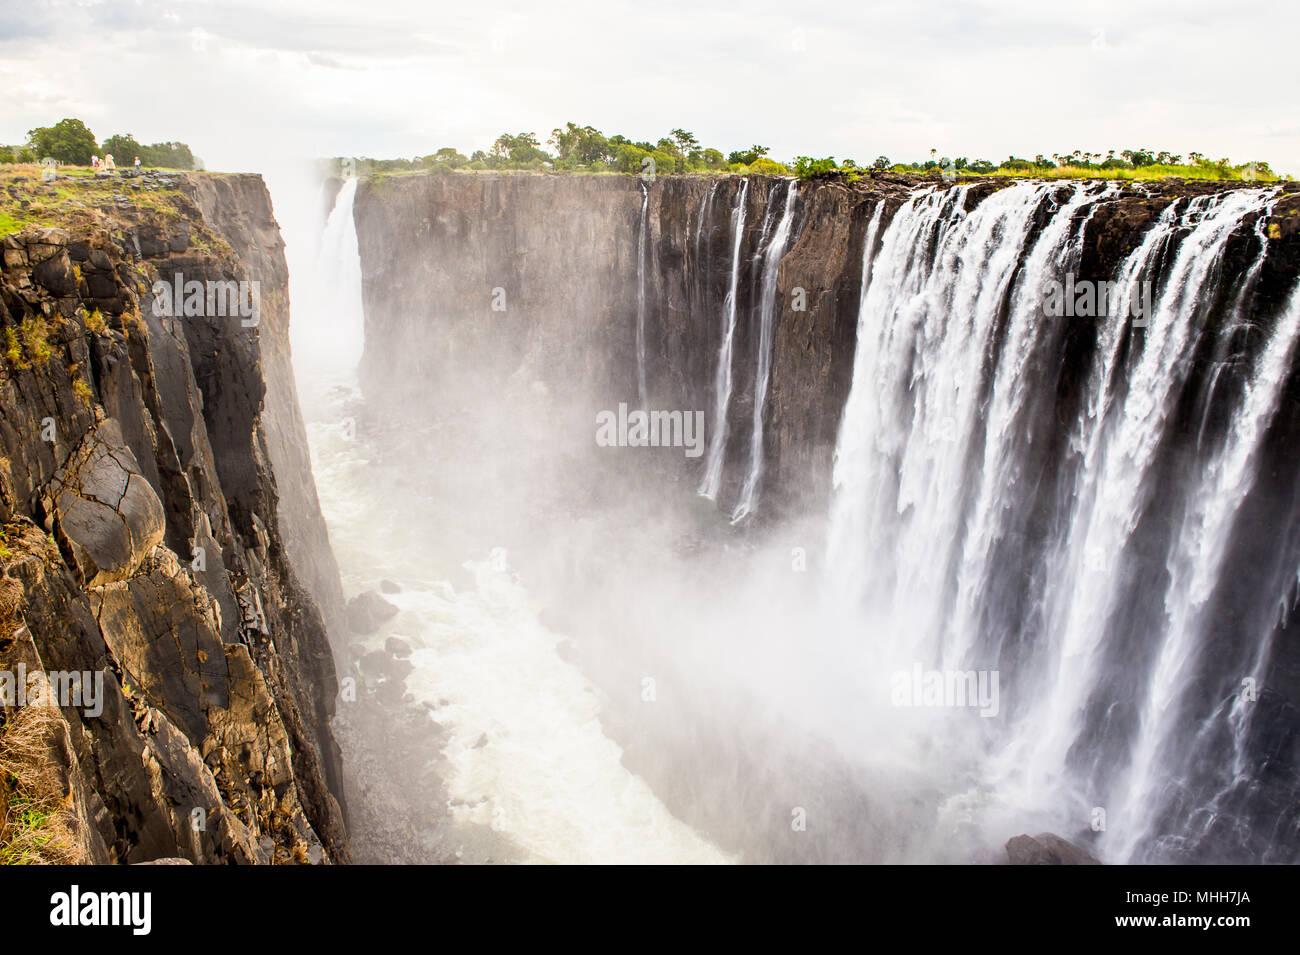 Malerische Aussicht auf den Victoria Falls, Sambesi, Simbabwe und Sambia Stockbild